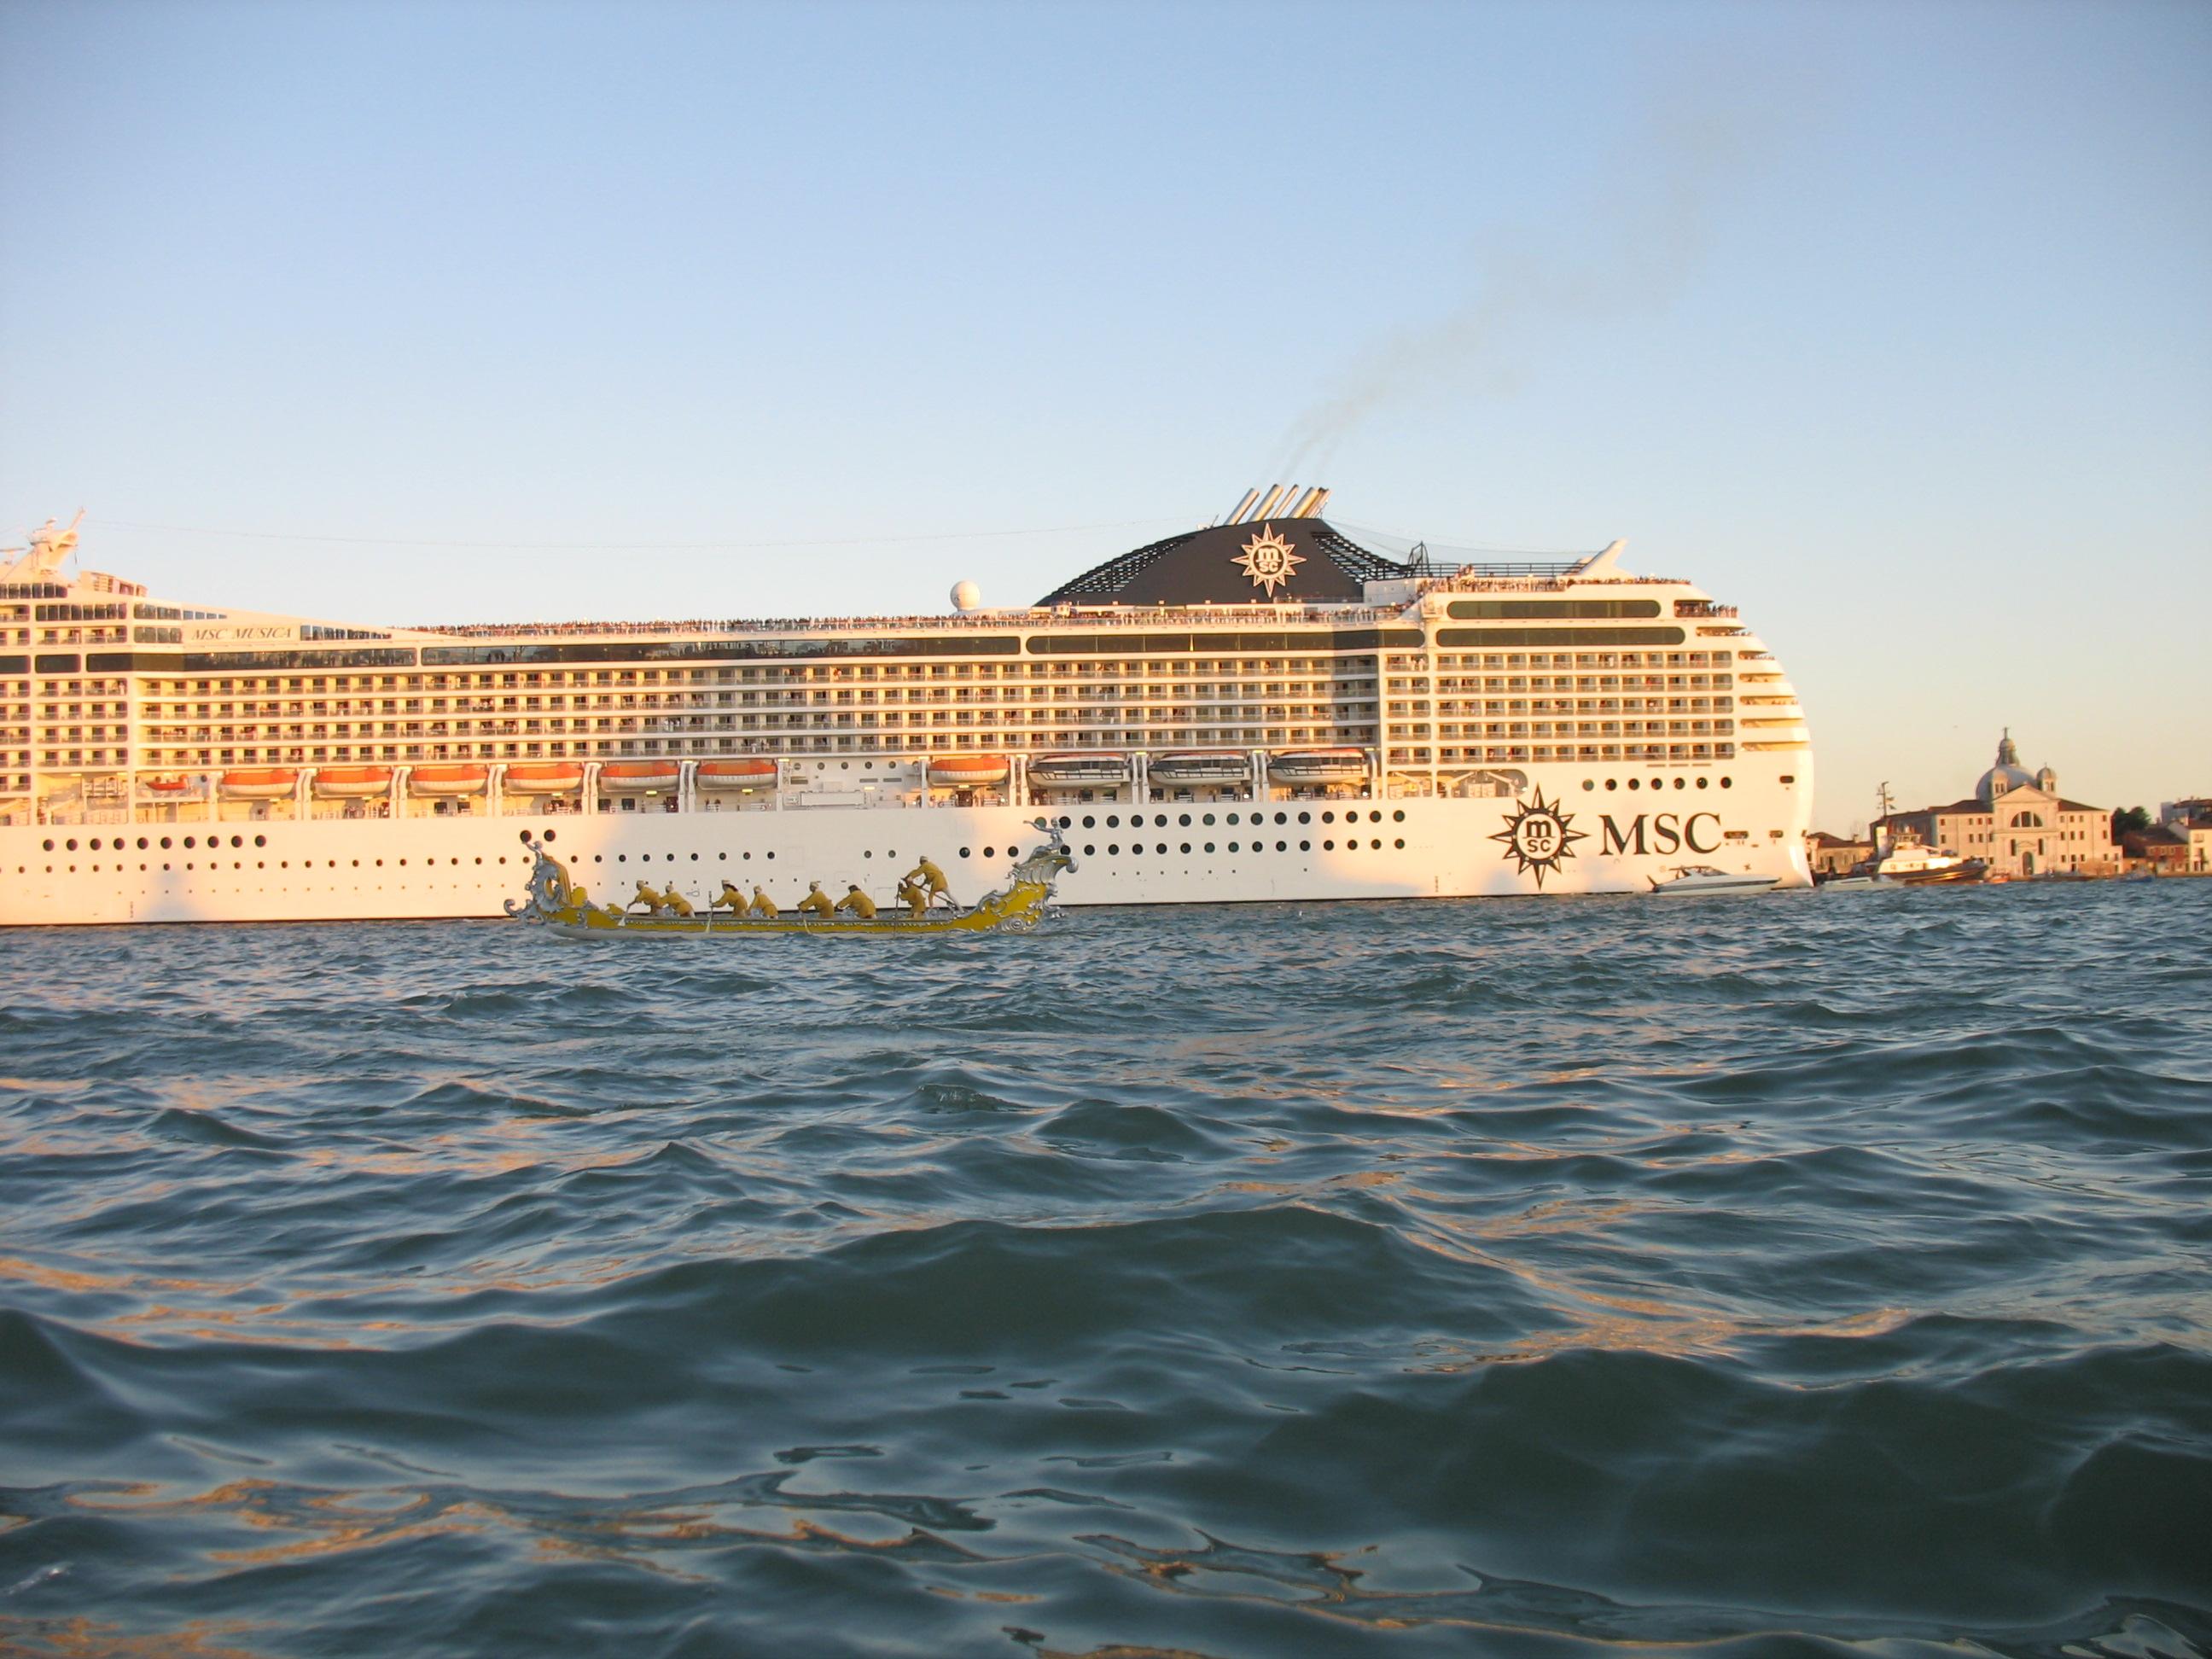 Cruise ship at anchor Venice